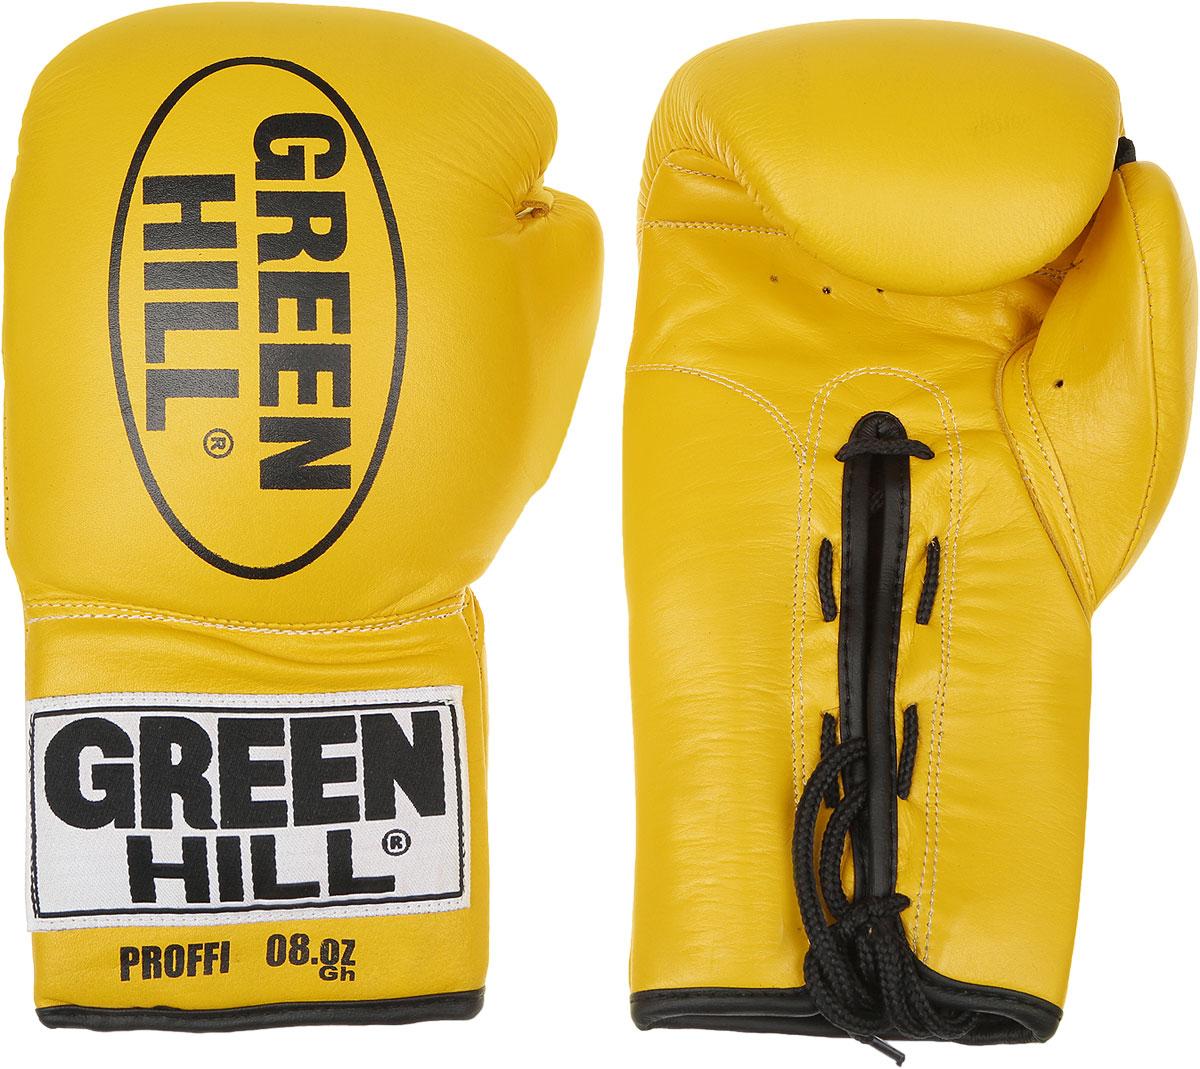 Перчатки боксерские Green Hill Proffi, цвет: желтый, черный. Вес 8 унций. BGP-2014AIRWHEEL M3-162.8Боксерские перчатки Green Hill Proffi предназначены для использования профессионалами. Верх выполнен из натуральной кожи, наполнитель - из вспененного полимера. Отверстие в области ладони позволяет создать максимально комфортный терморежим во время занятий. Манжет на шнуровке способствует быстрому и удобному надеванию перчаток, плотно фиксирует перчатки на руке.